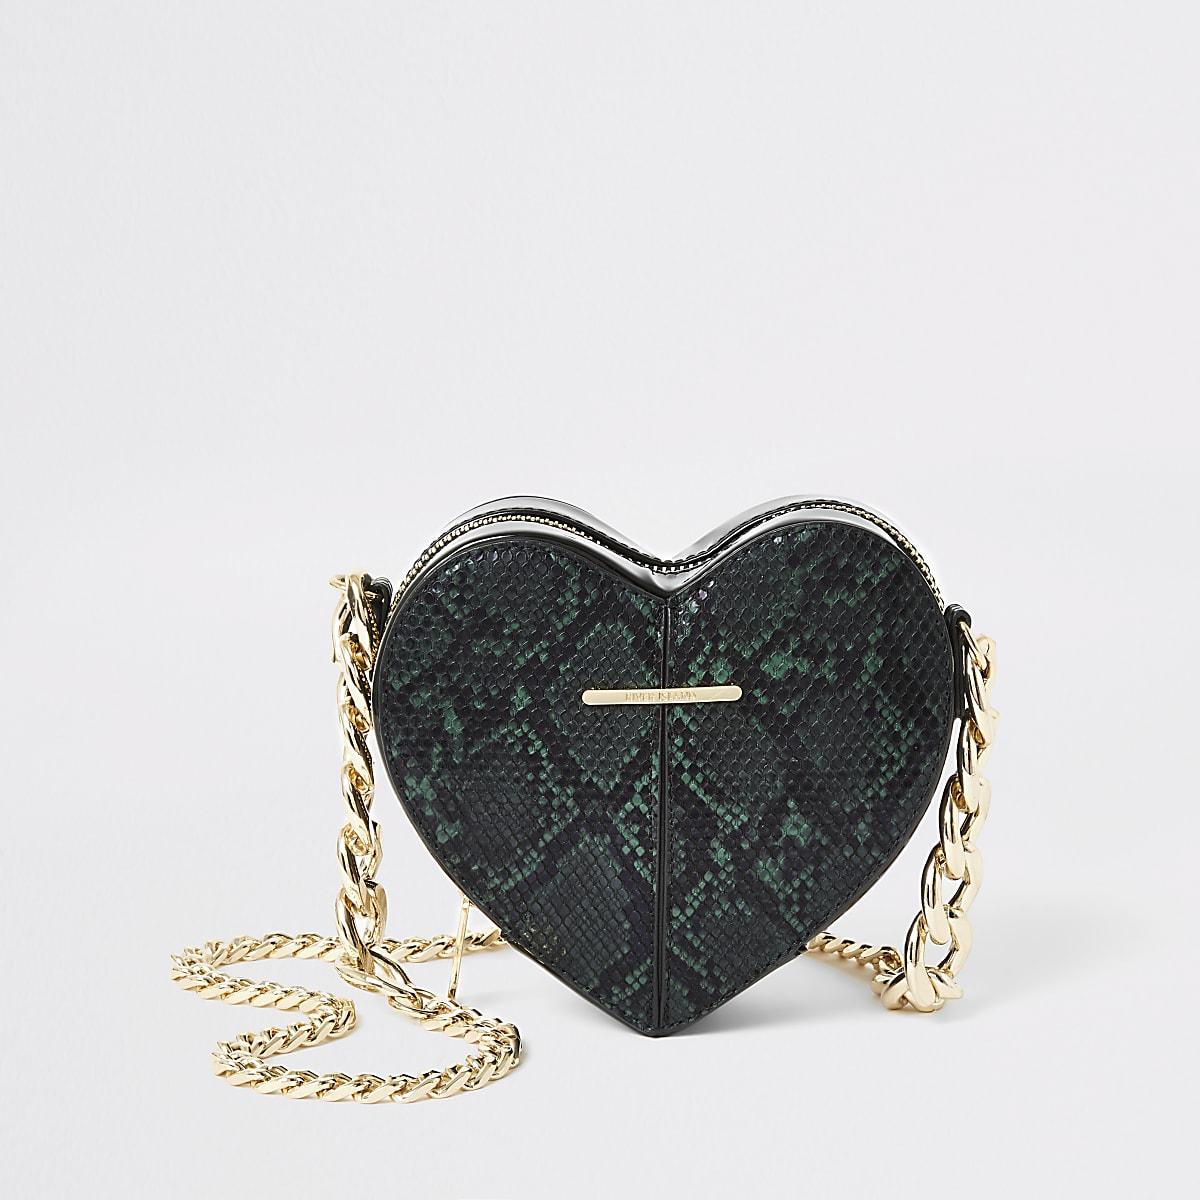 Green snake print heart shaped cross body bag